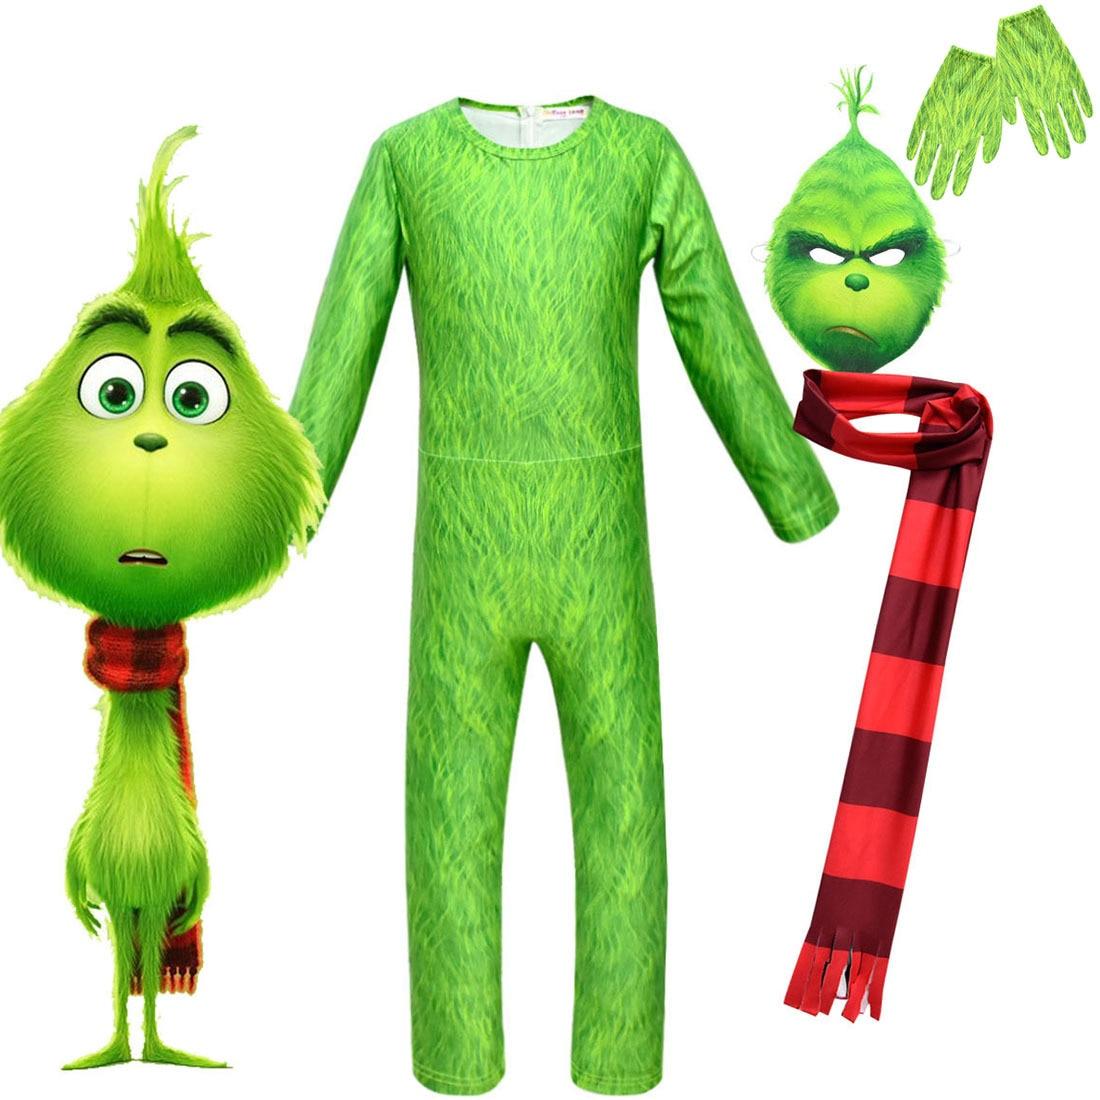 2020novo 4 pçs conjunto novo grinch traje de natal cosplay cabelo verde monstro macacão roupas do miúdo dia das bruxas menina menino